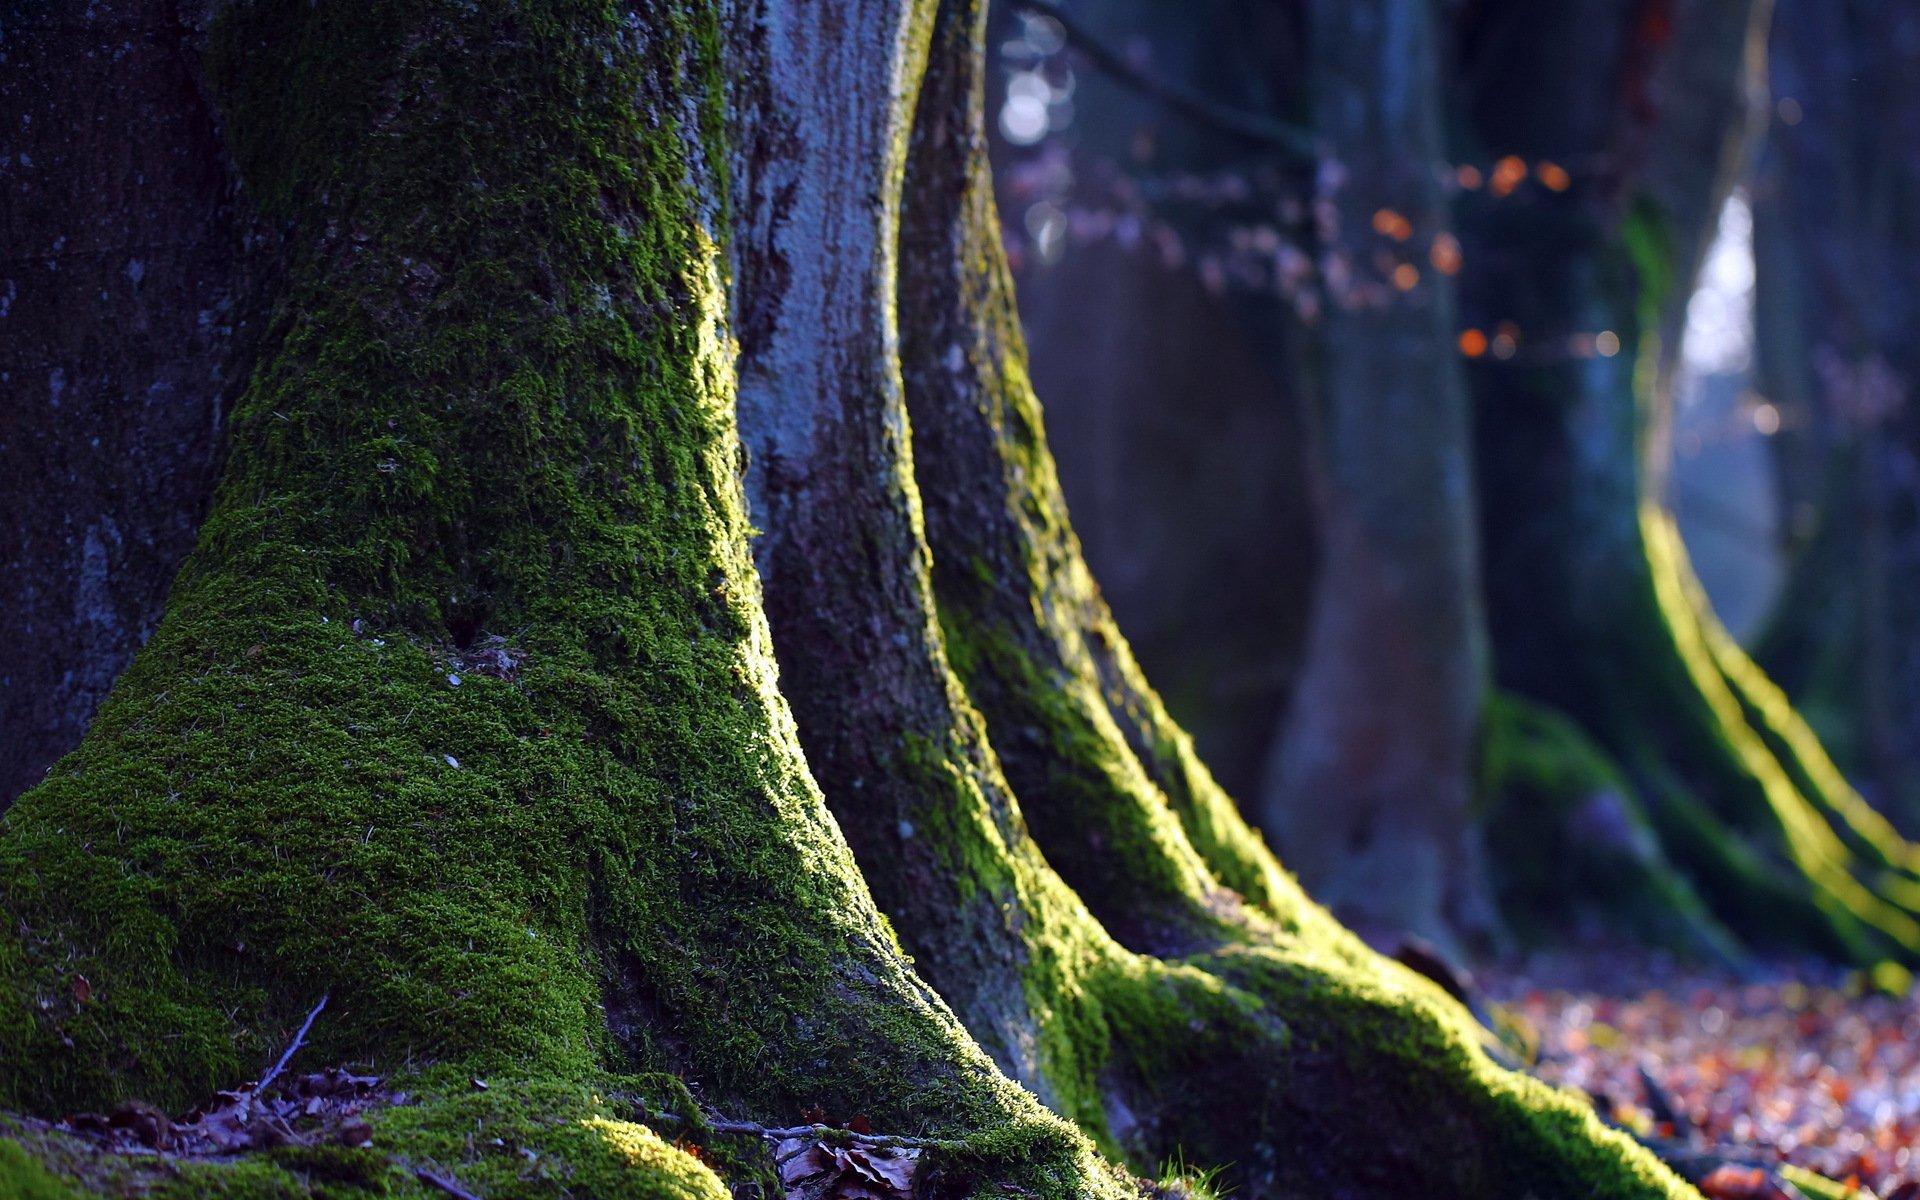 природа мох лестница трава деревья бесплатно